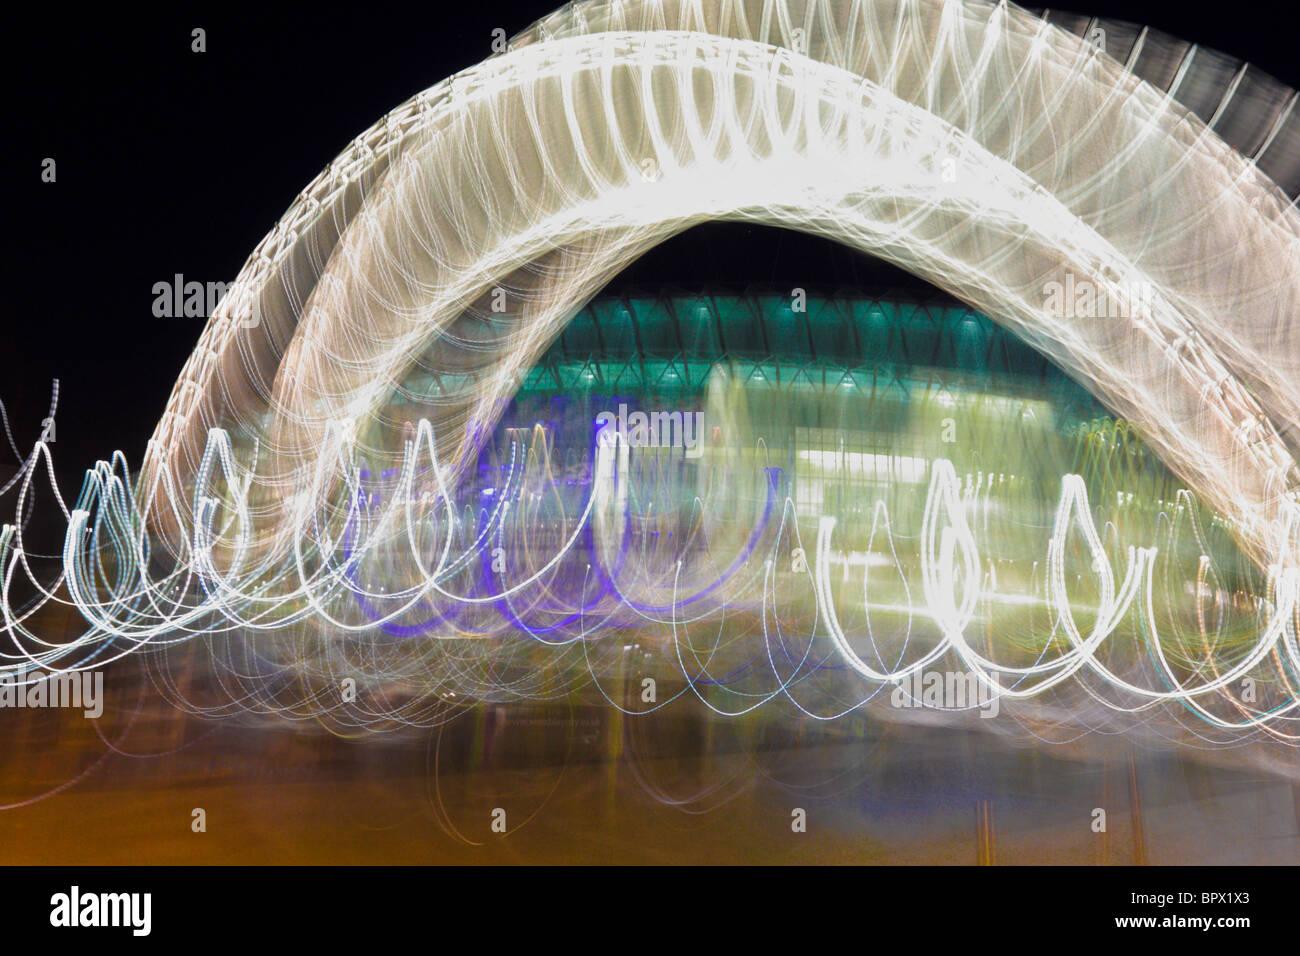 Resumen de luz arroyos capturados en la noche usando el método de desplazamiento y el cárter. Imagen De Stock